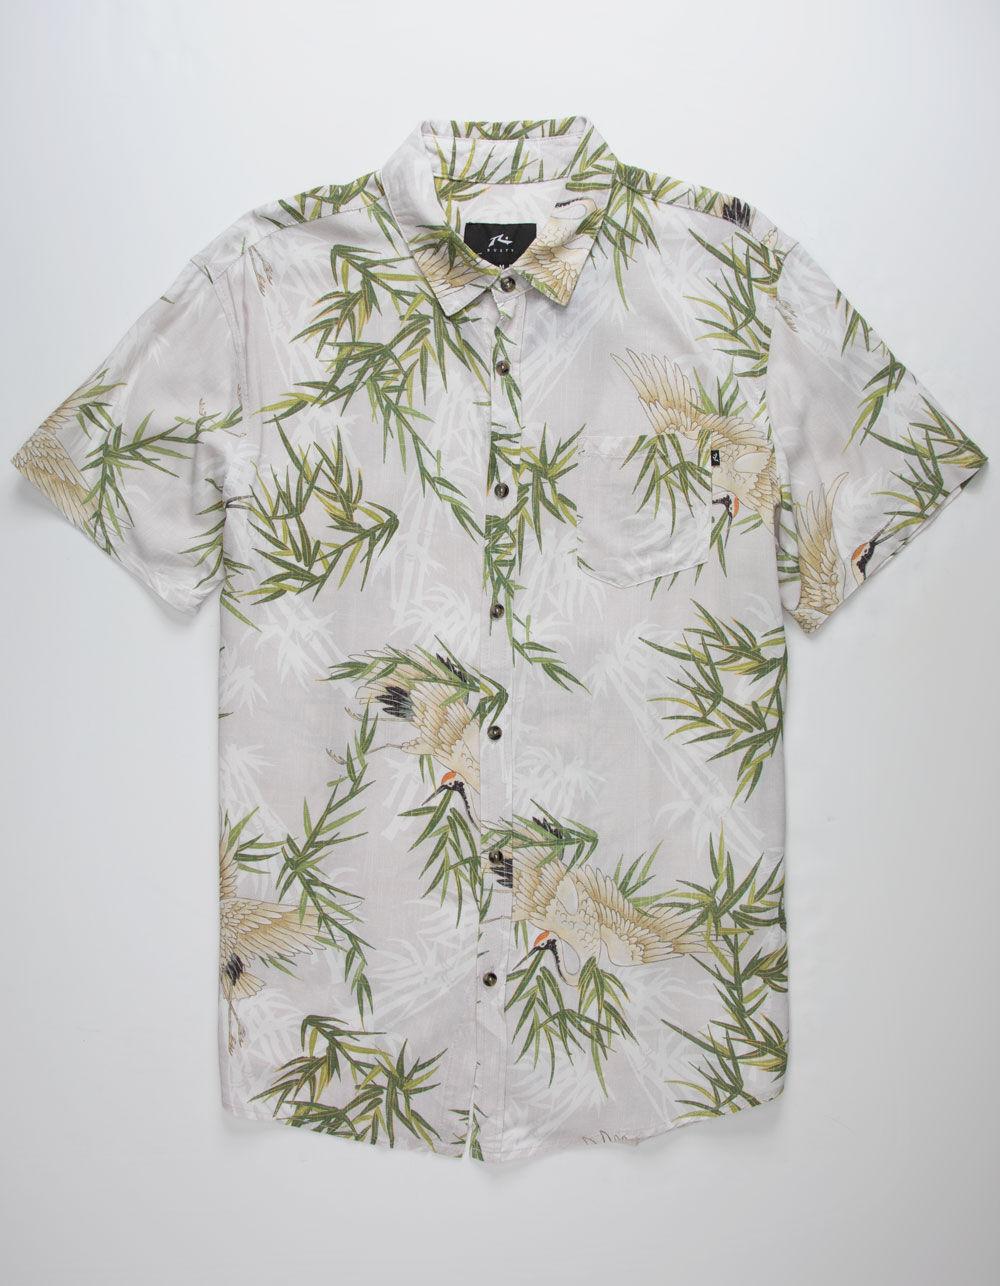 RUSTY Silken Road Shirt